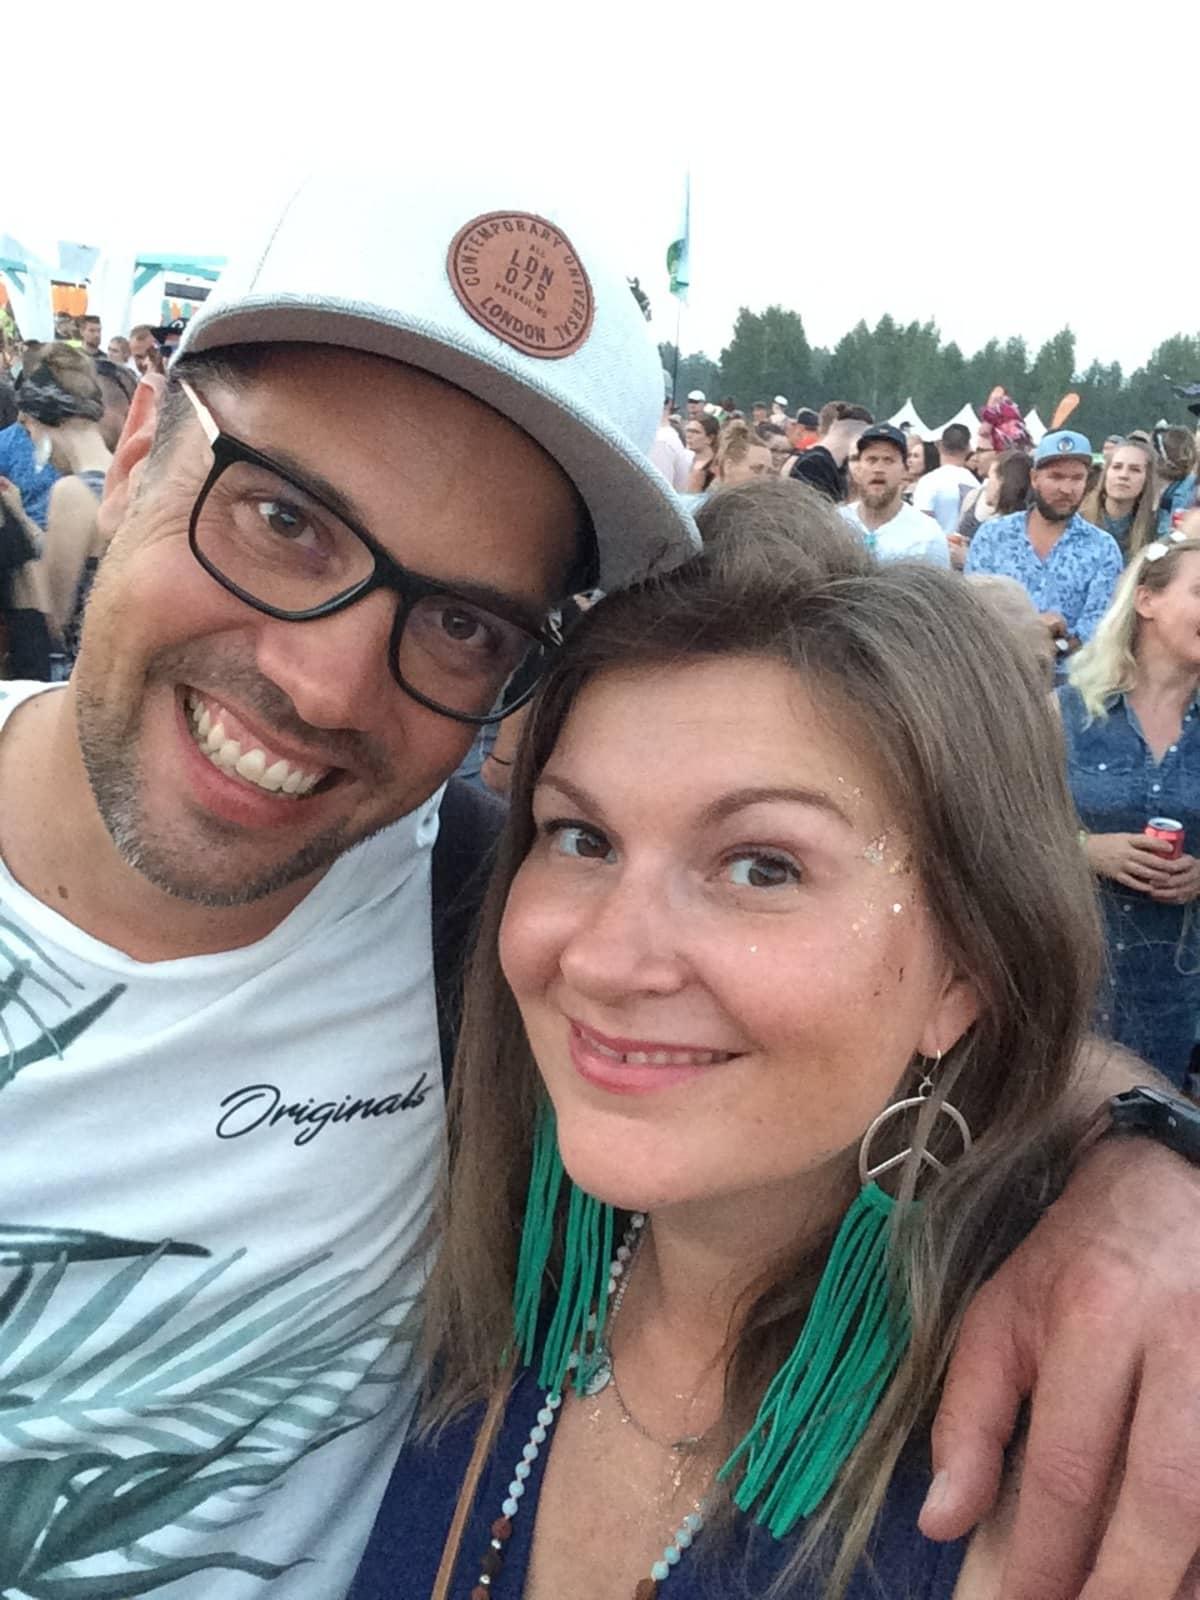 Tatu Vanninen ja Jonna Laukkanen Ilosaarirockissa.